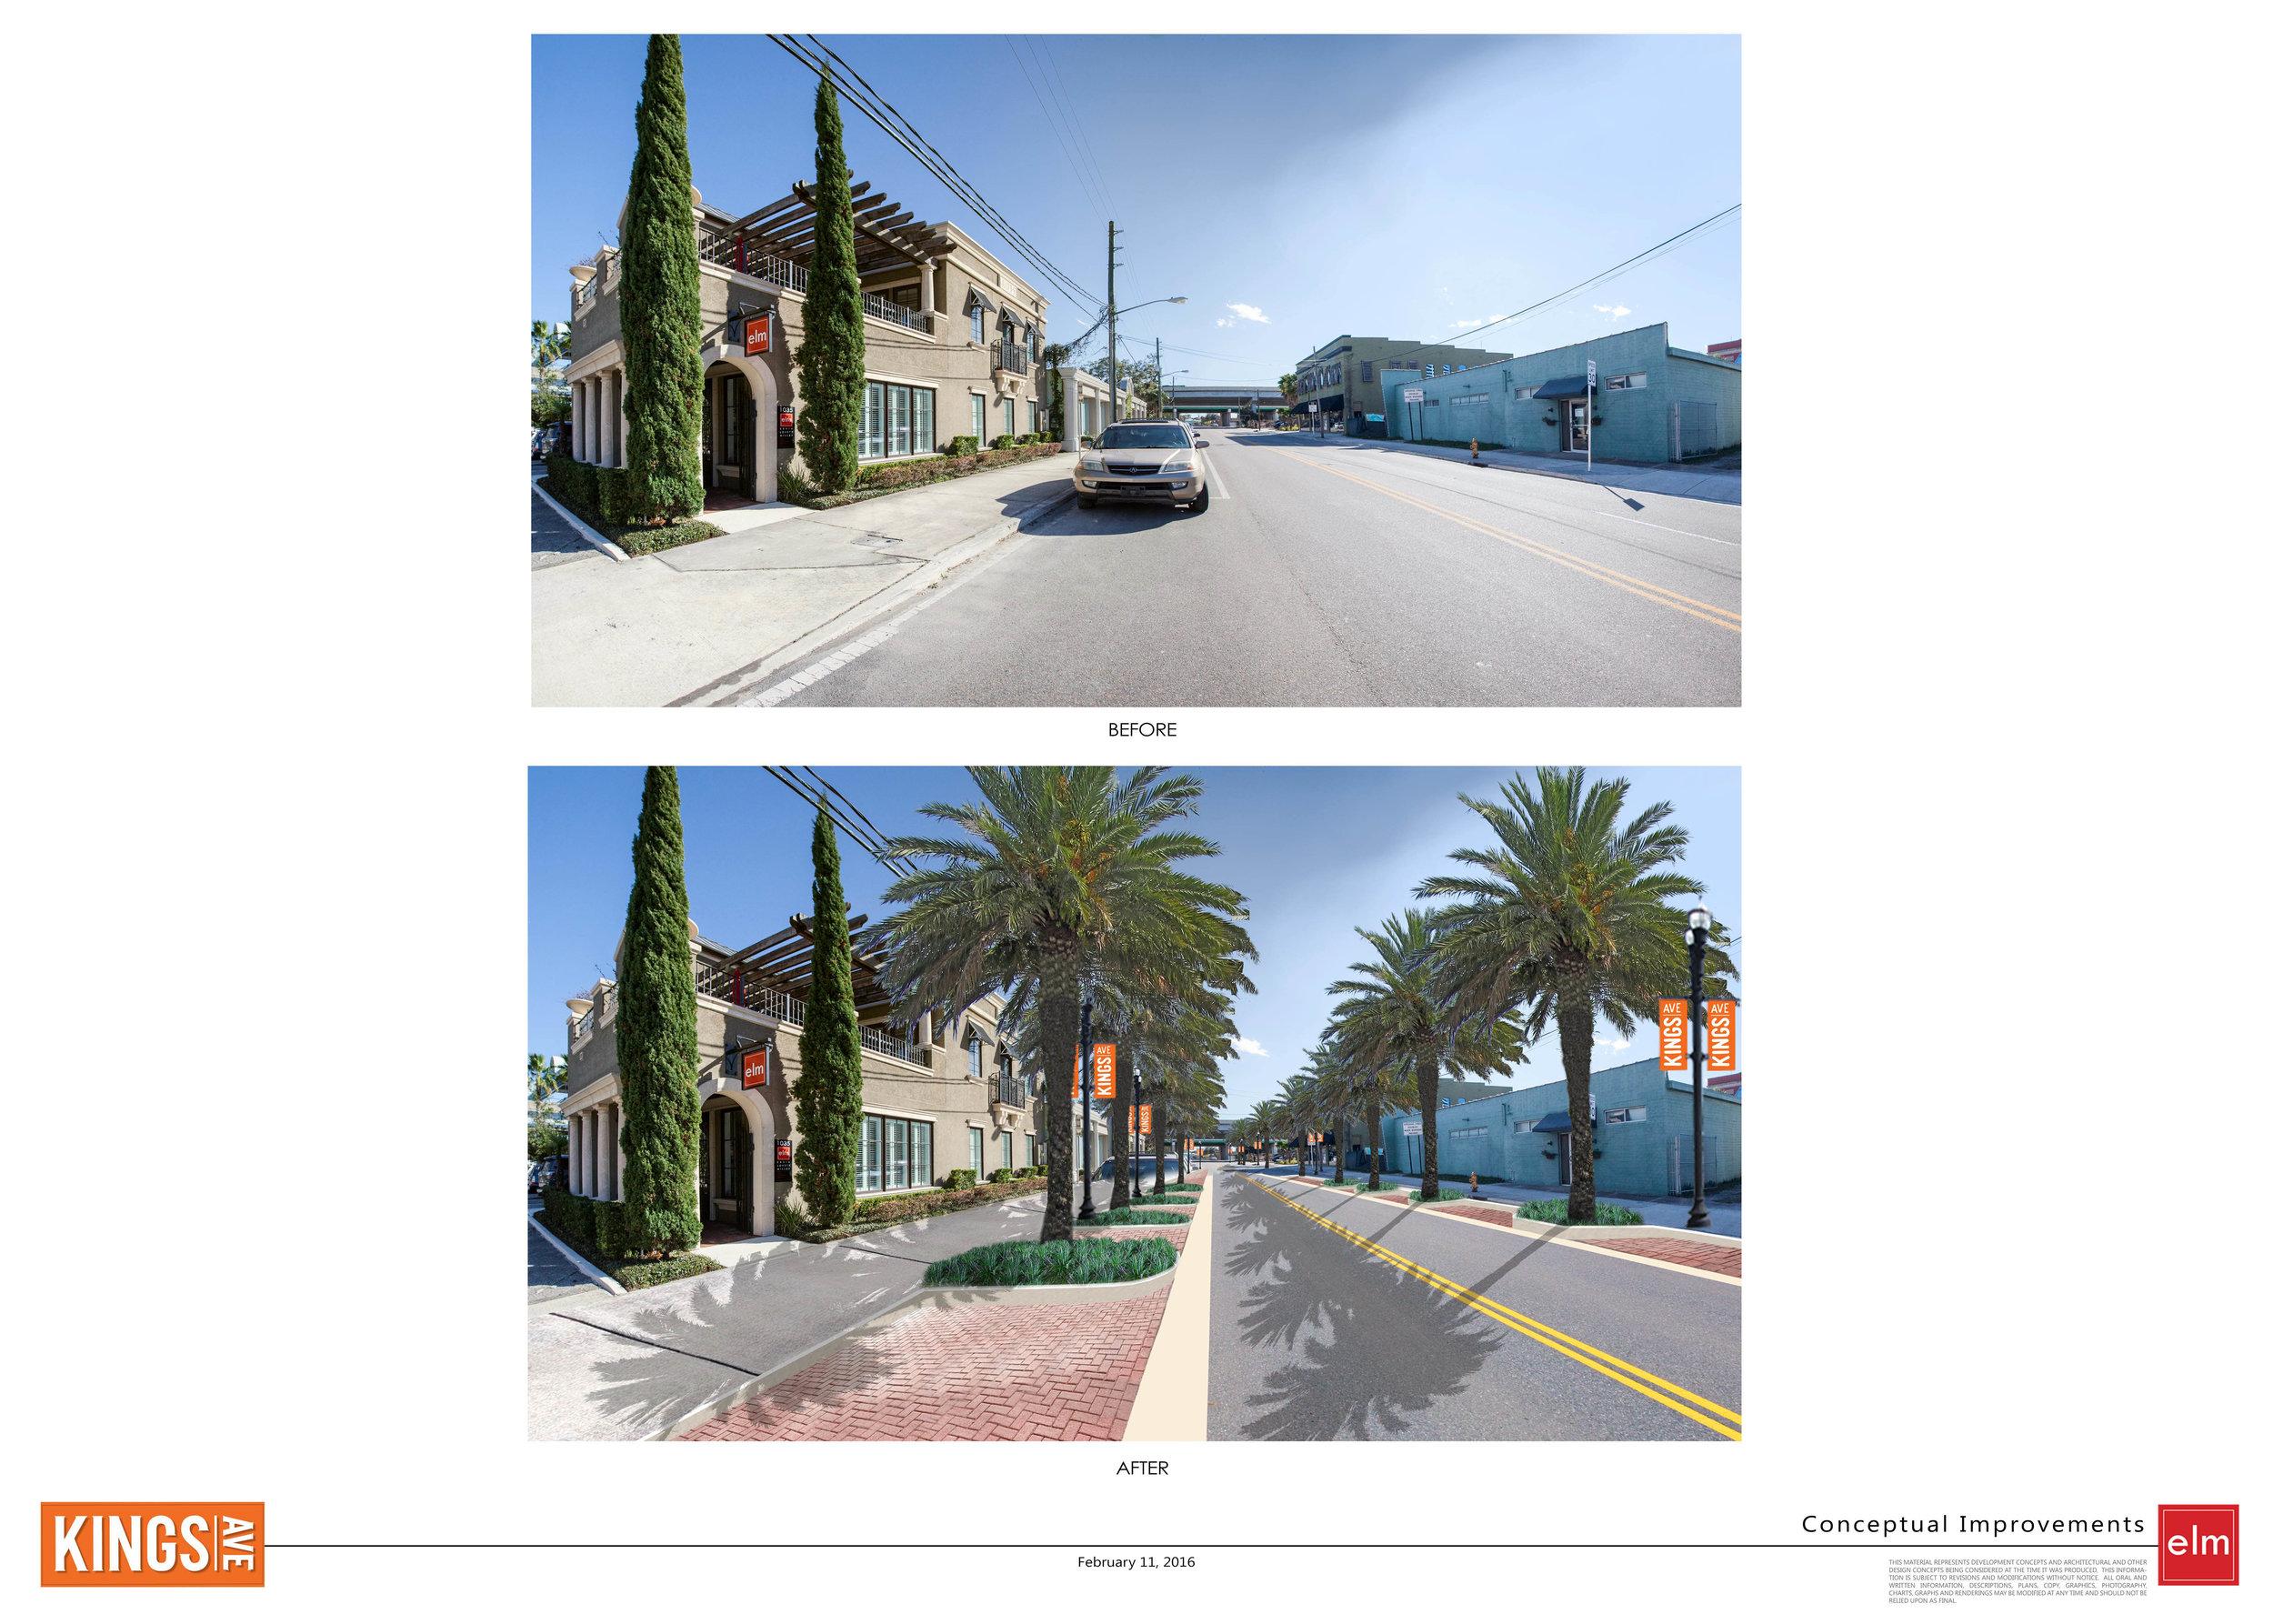 Kings Ave Perspective Drawings 1_[02_11_16].jpg